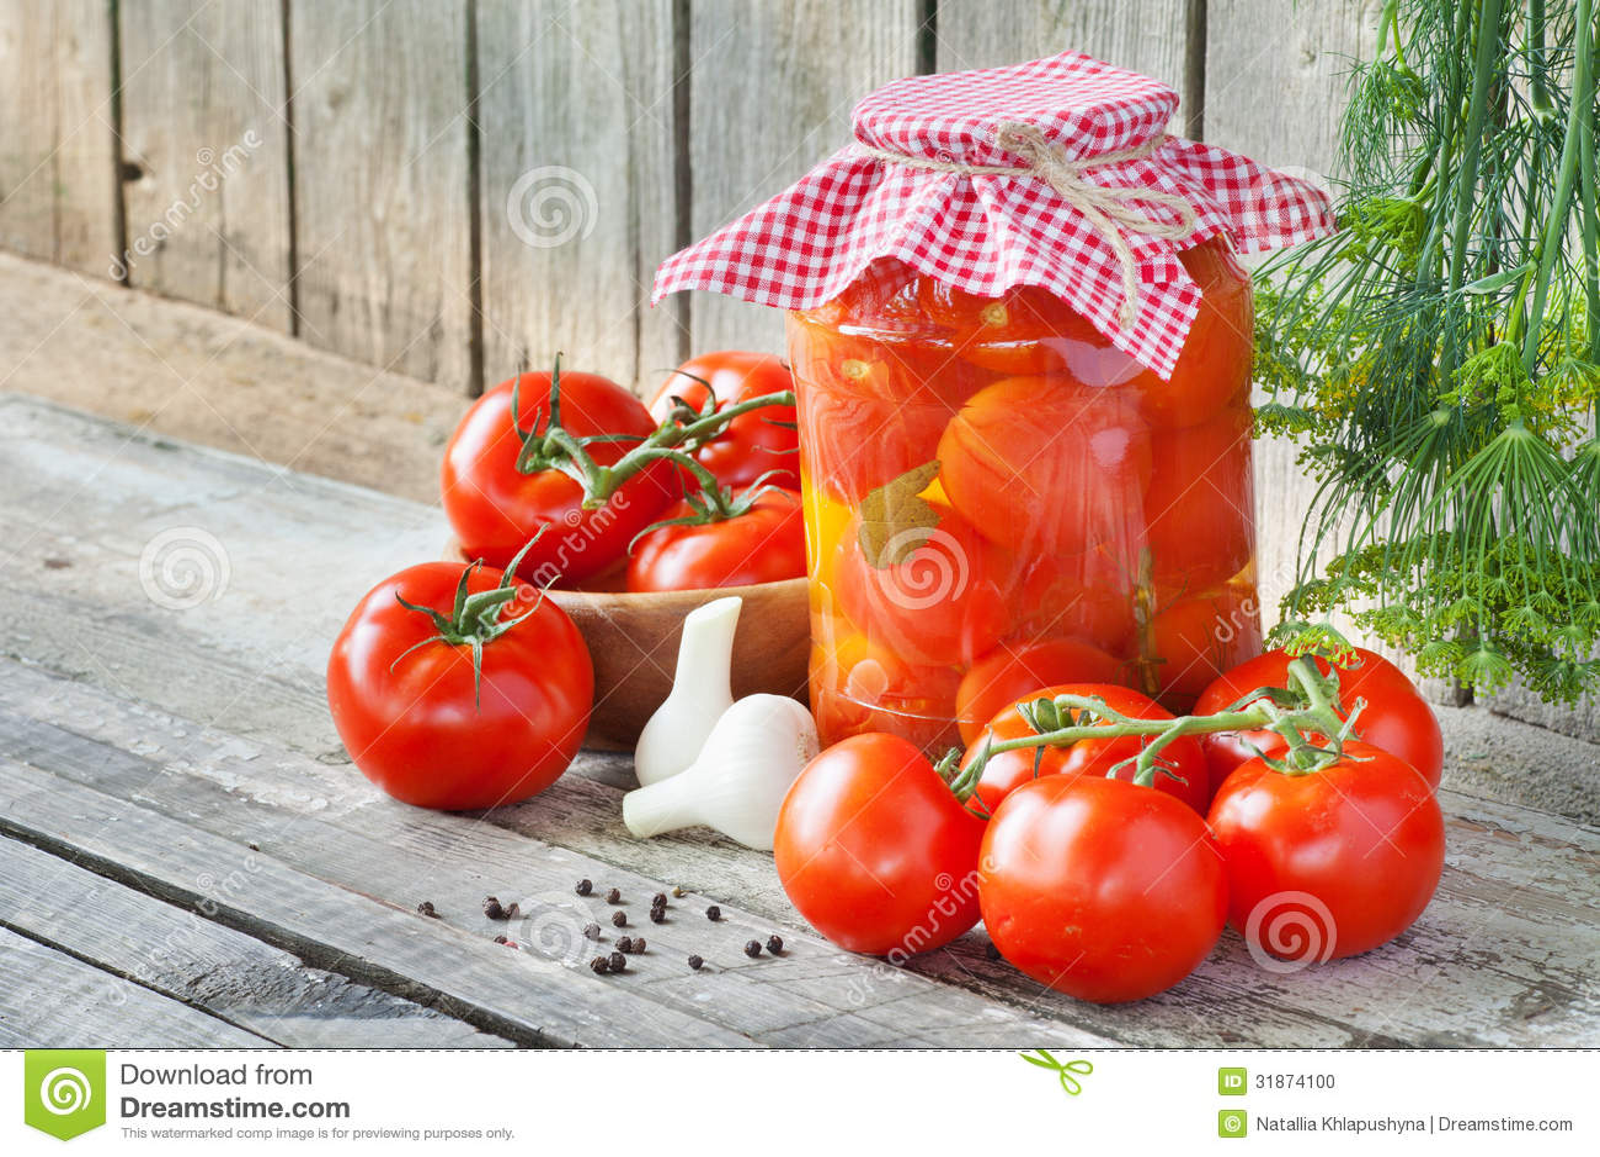 Tomate En Pot Conseil tomates fraîches et en boîte photo stock - image du